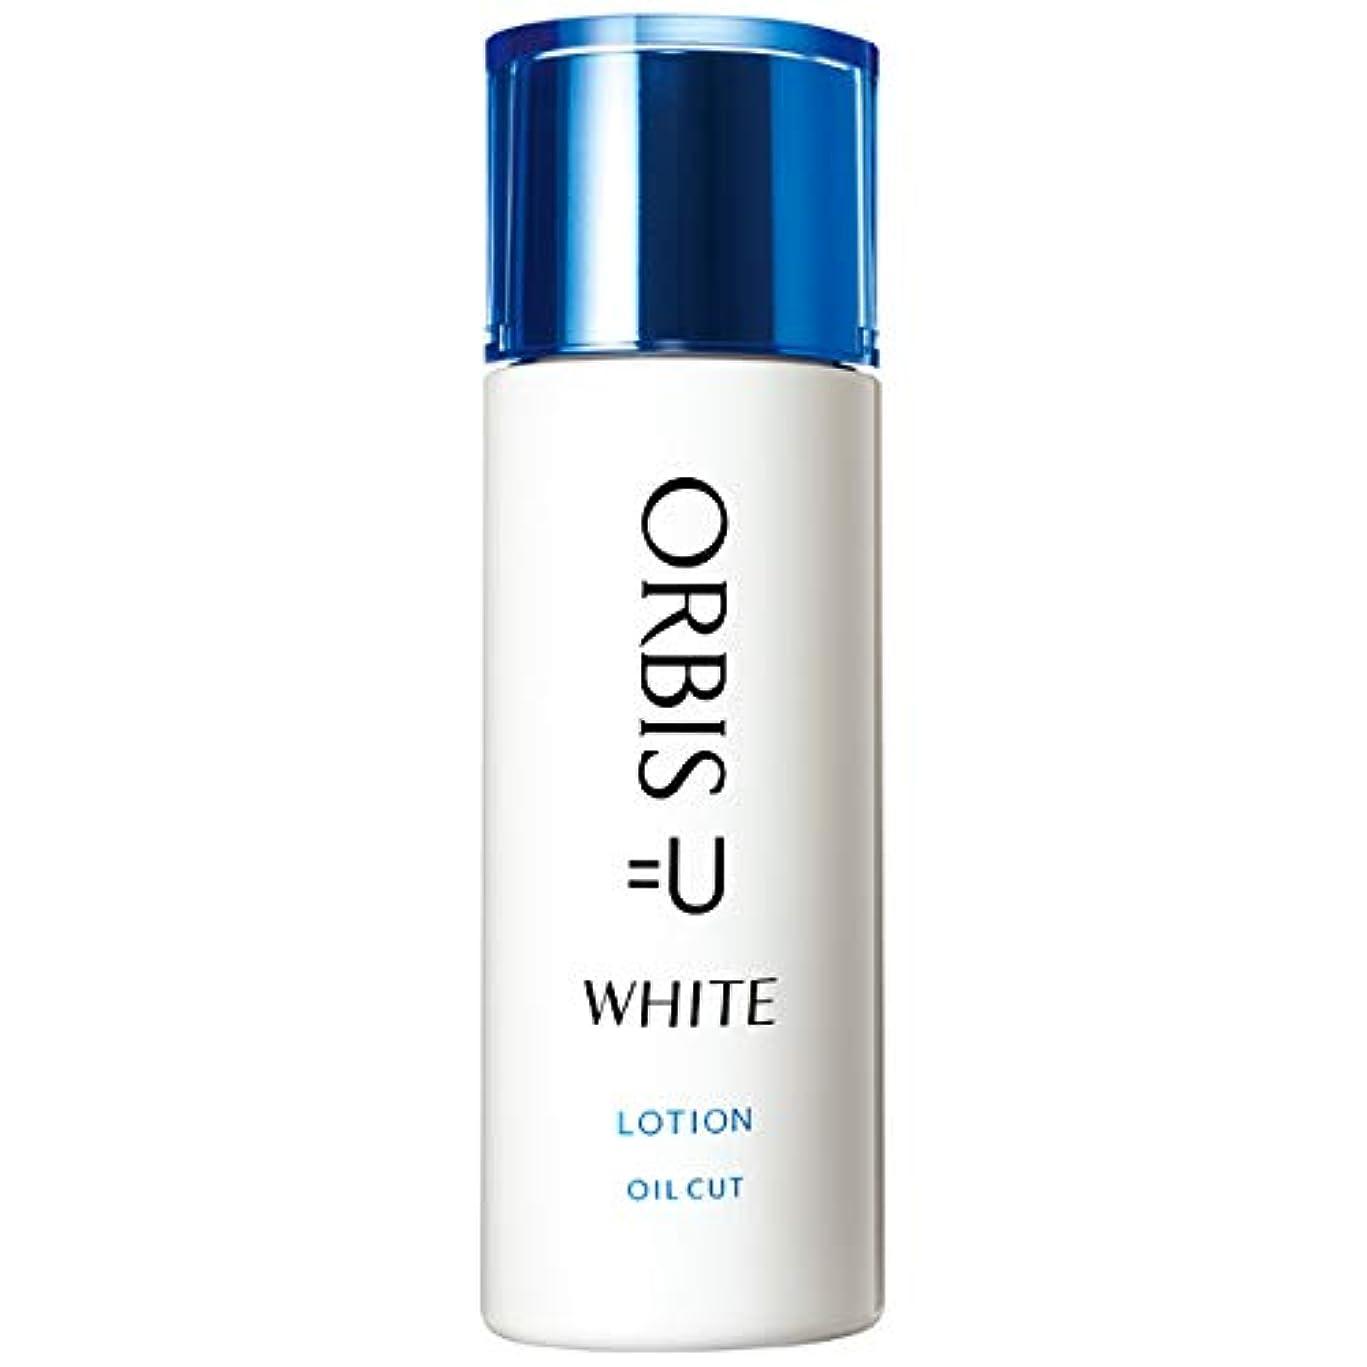 熟読味解釈オルビス(ORBIS) オルビスユー ホワイト ローション 180mL 化粧水 [医薬部外品]